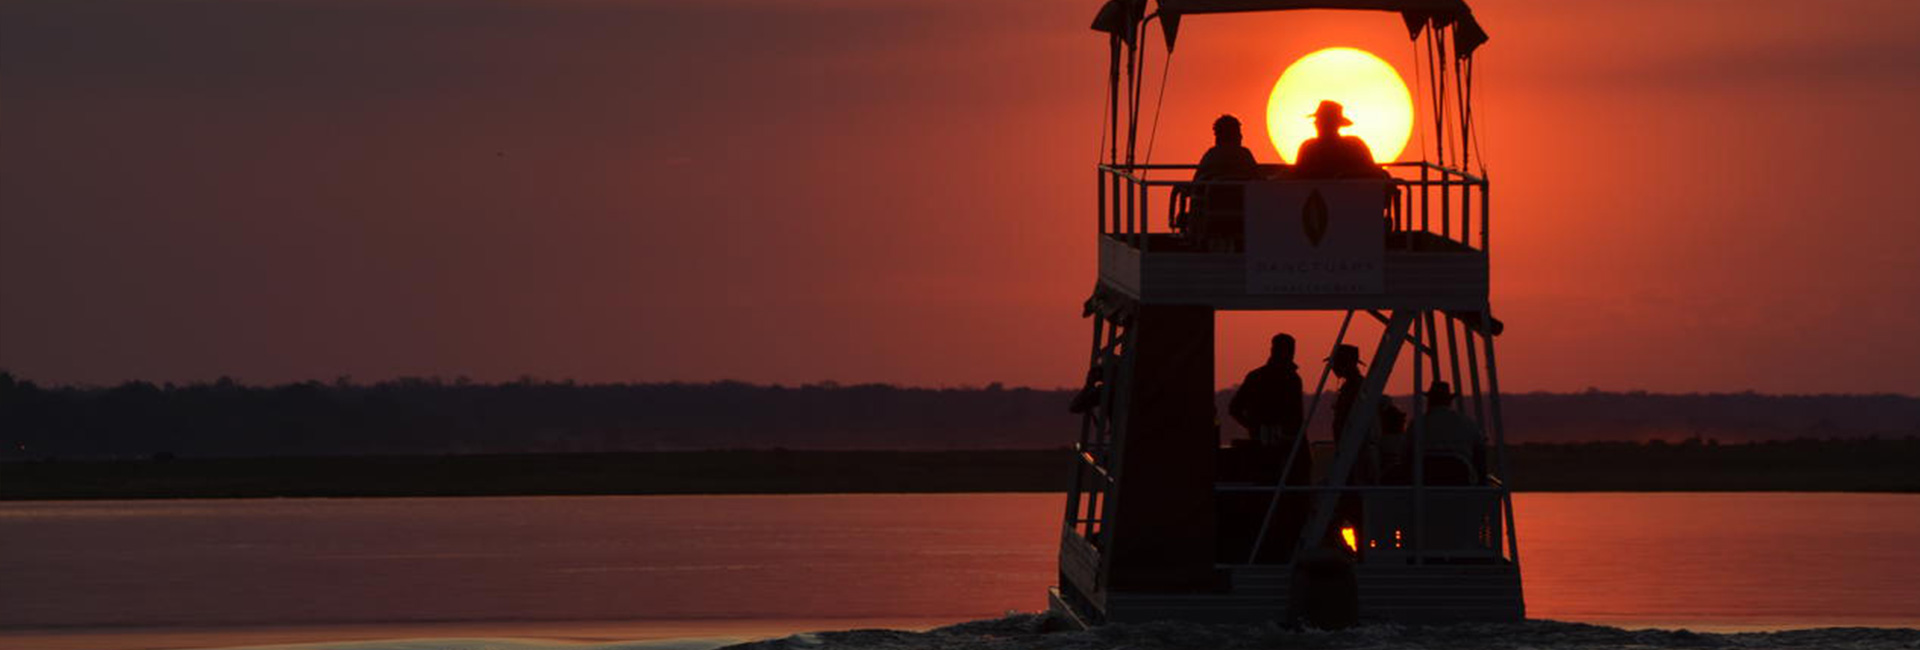 chobe-chilwero-sunset-cruise-botswana-safari